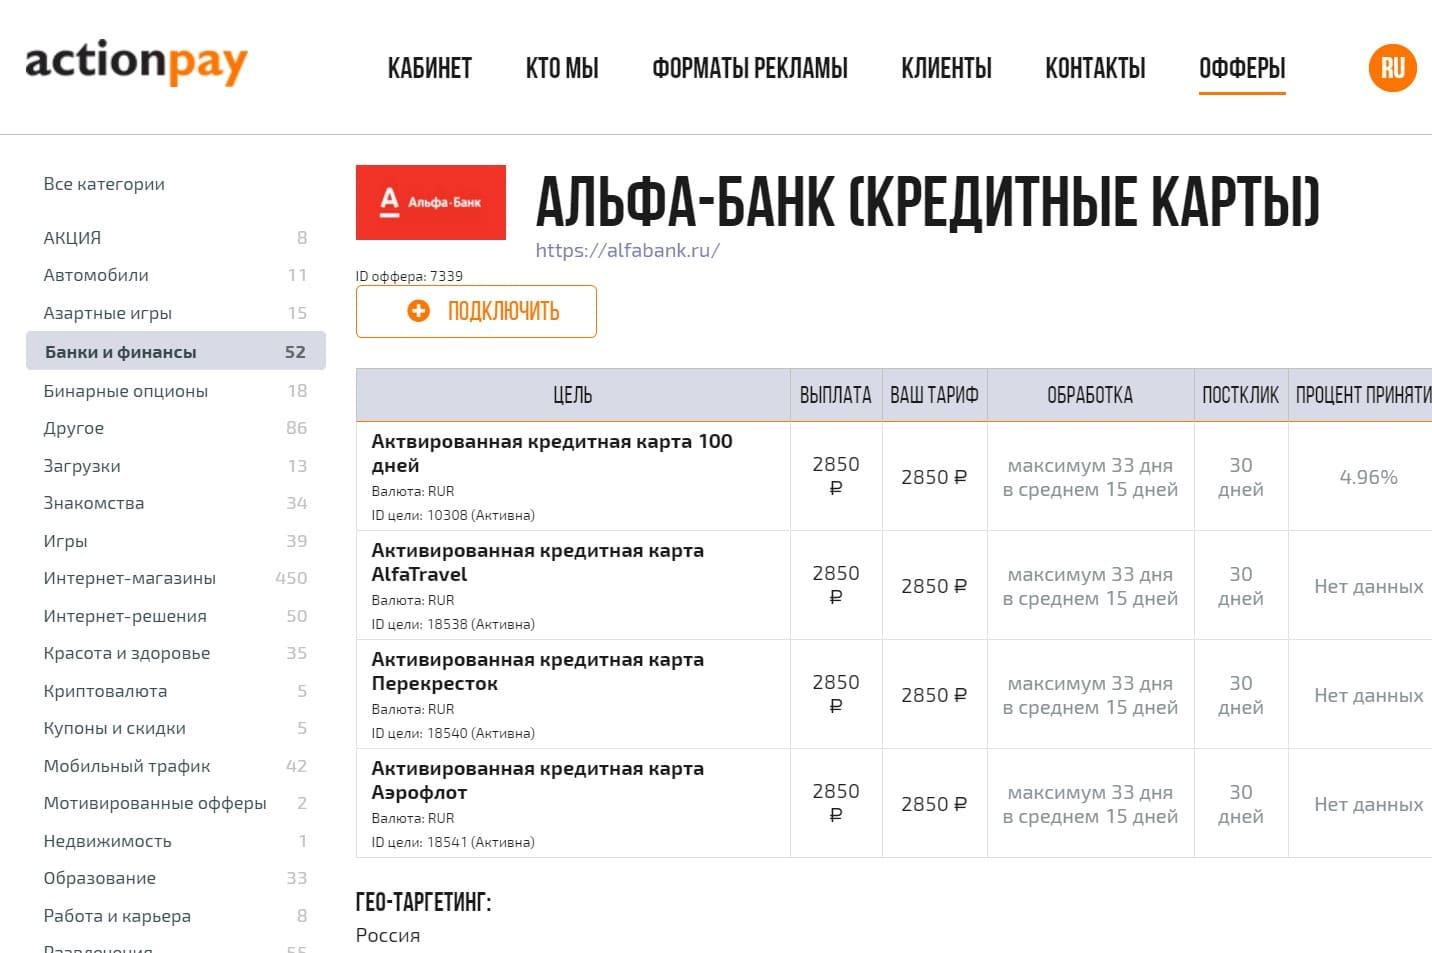 Партнерки банков Actionpay